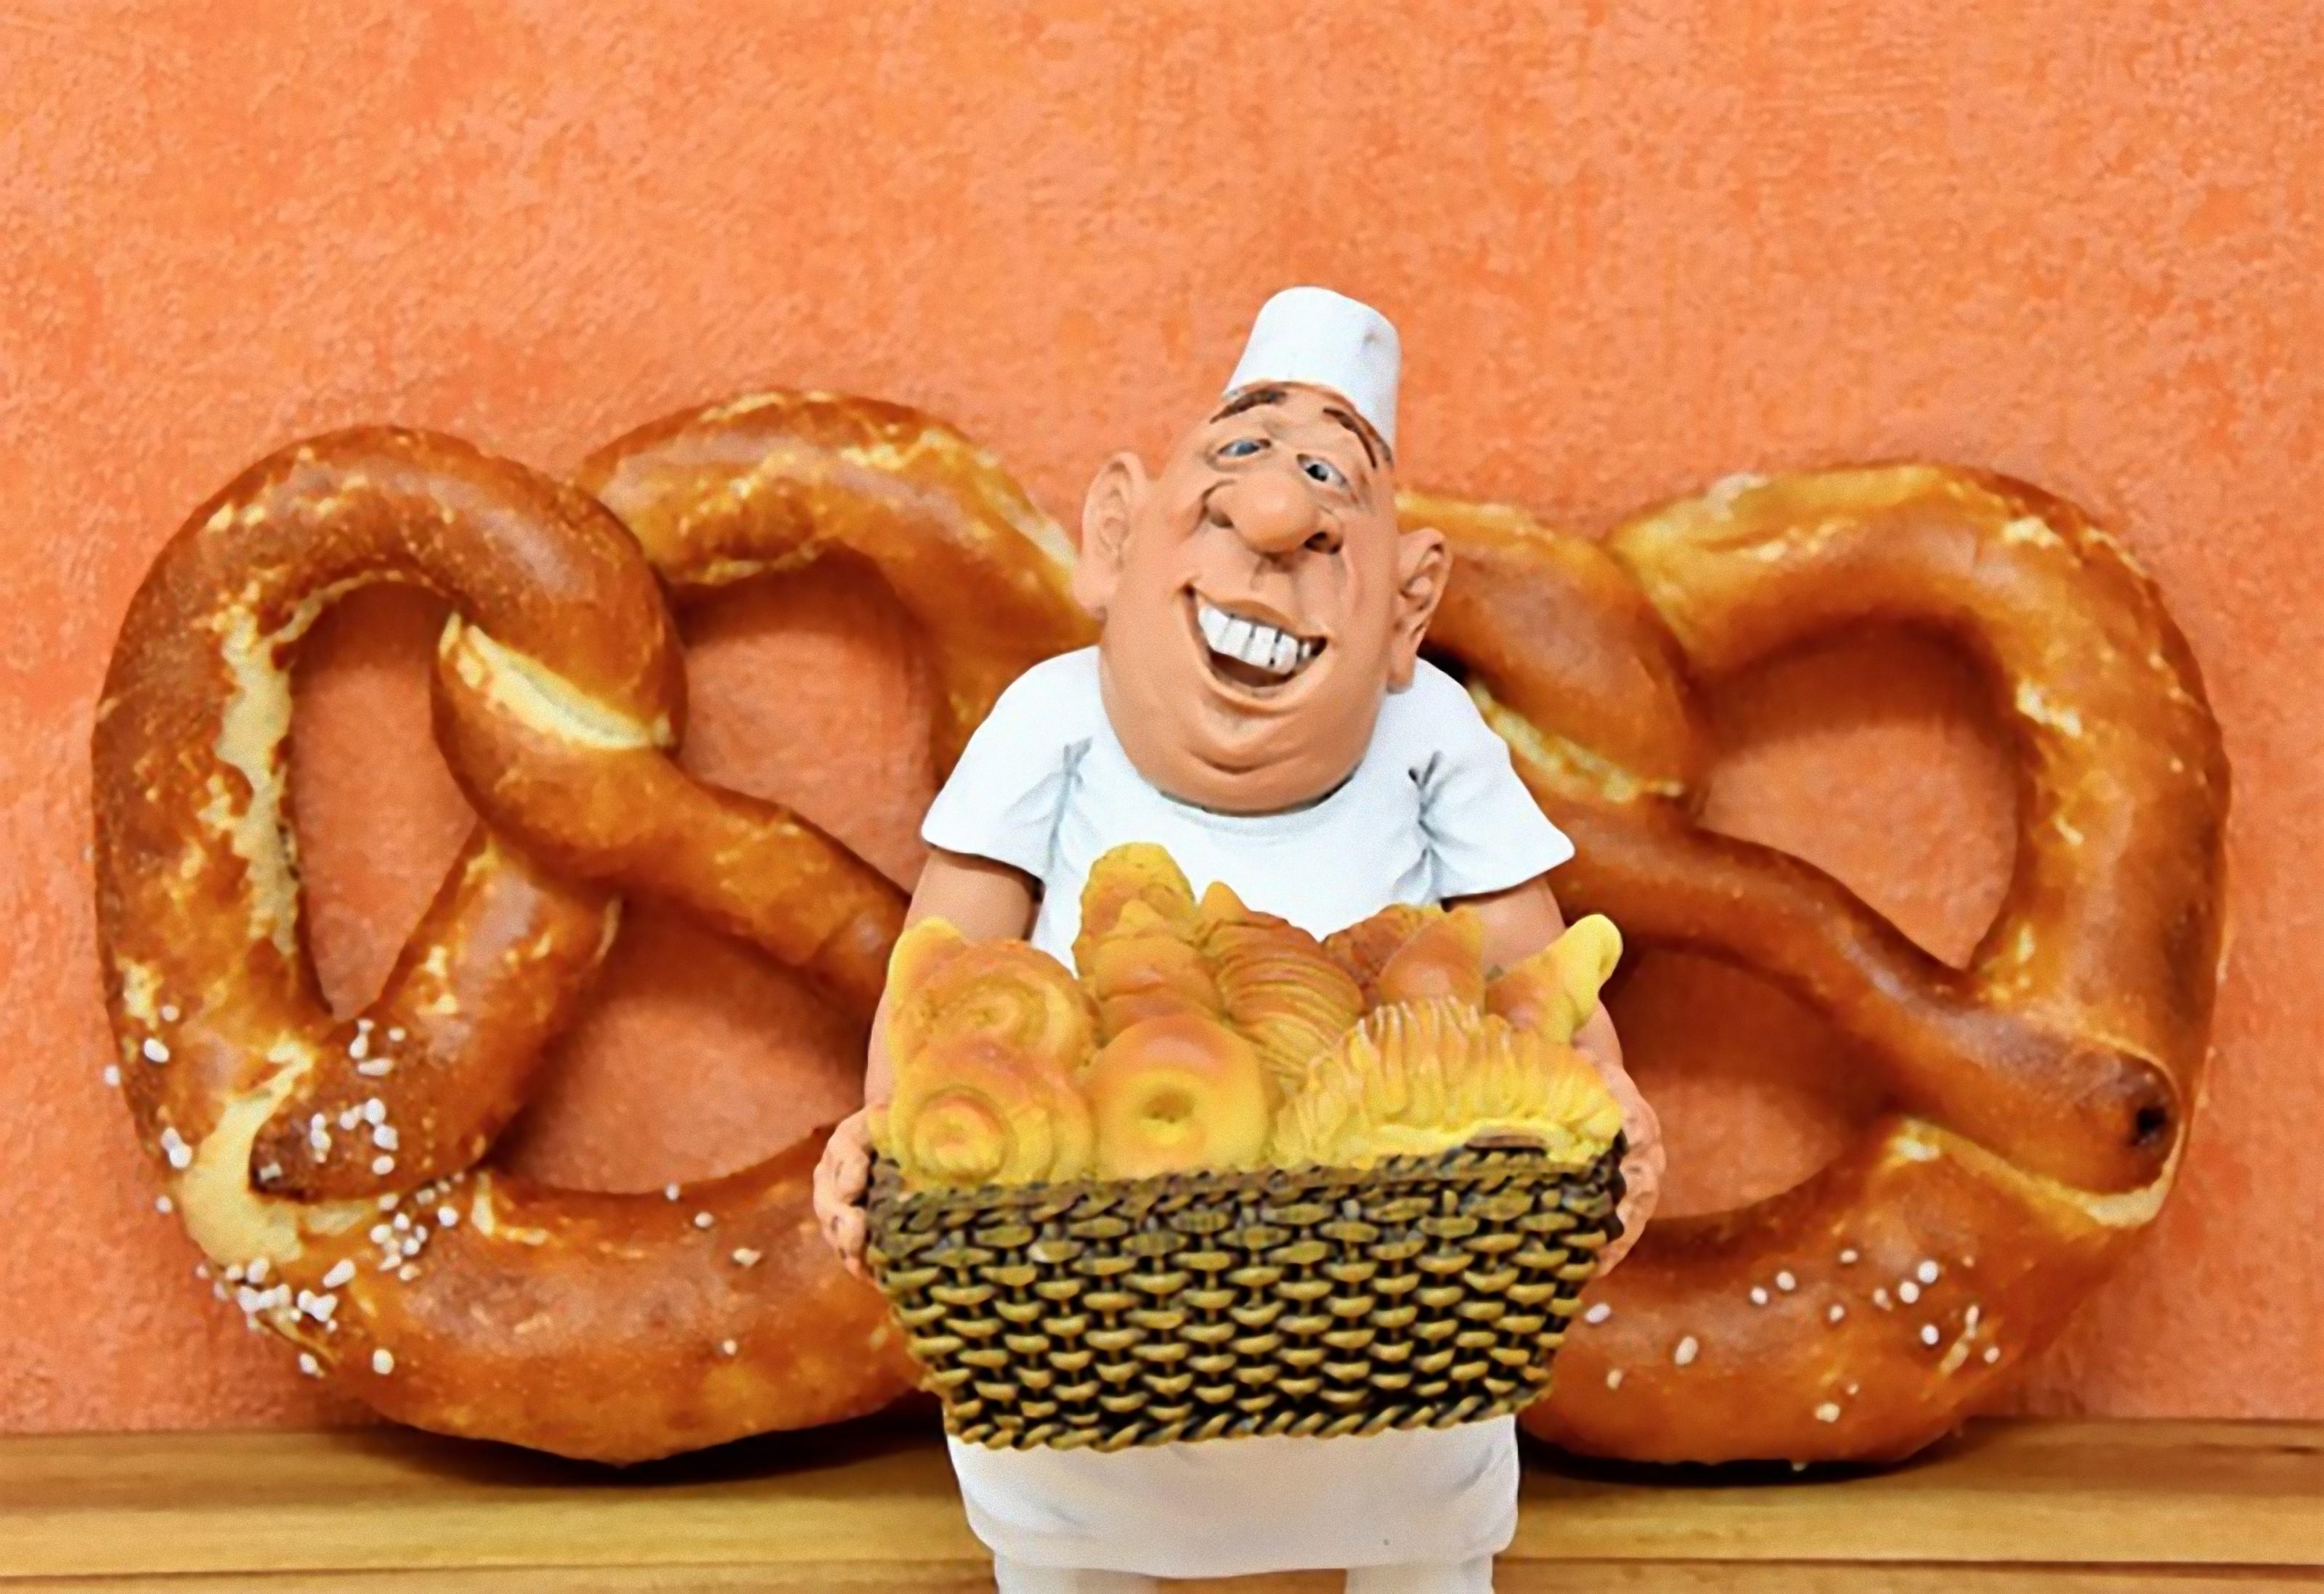 一目でわかりやすいし!日本の精巧な食品サンプルについての海外の反応